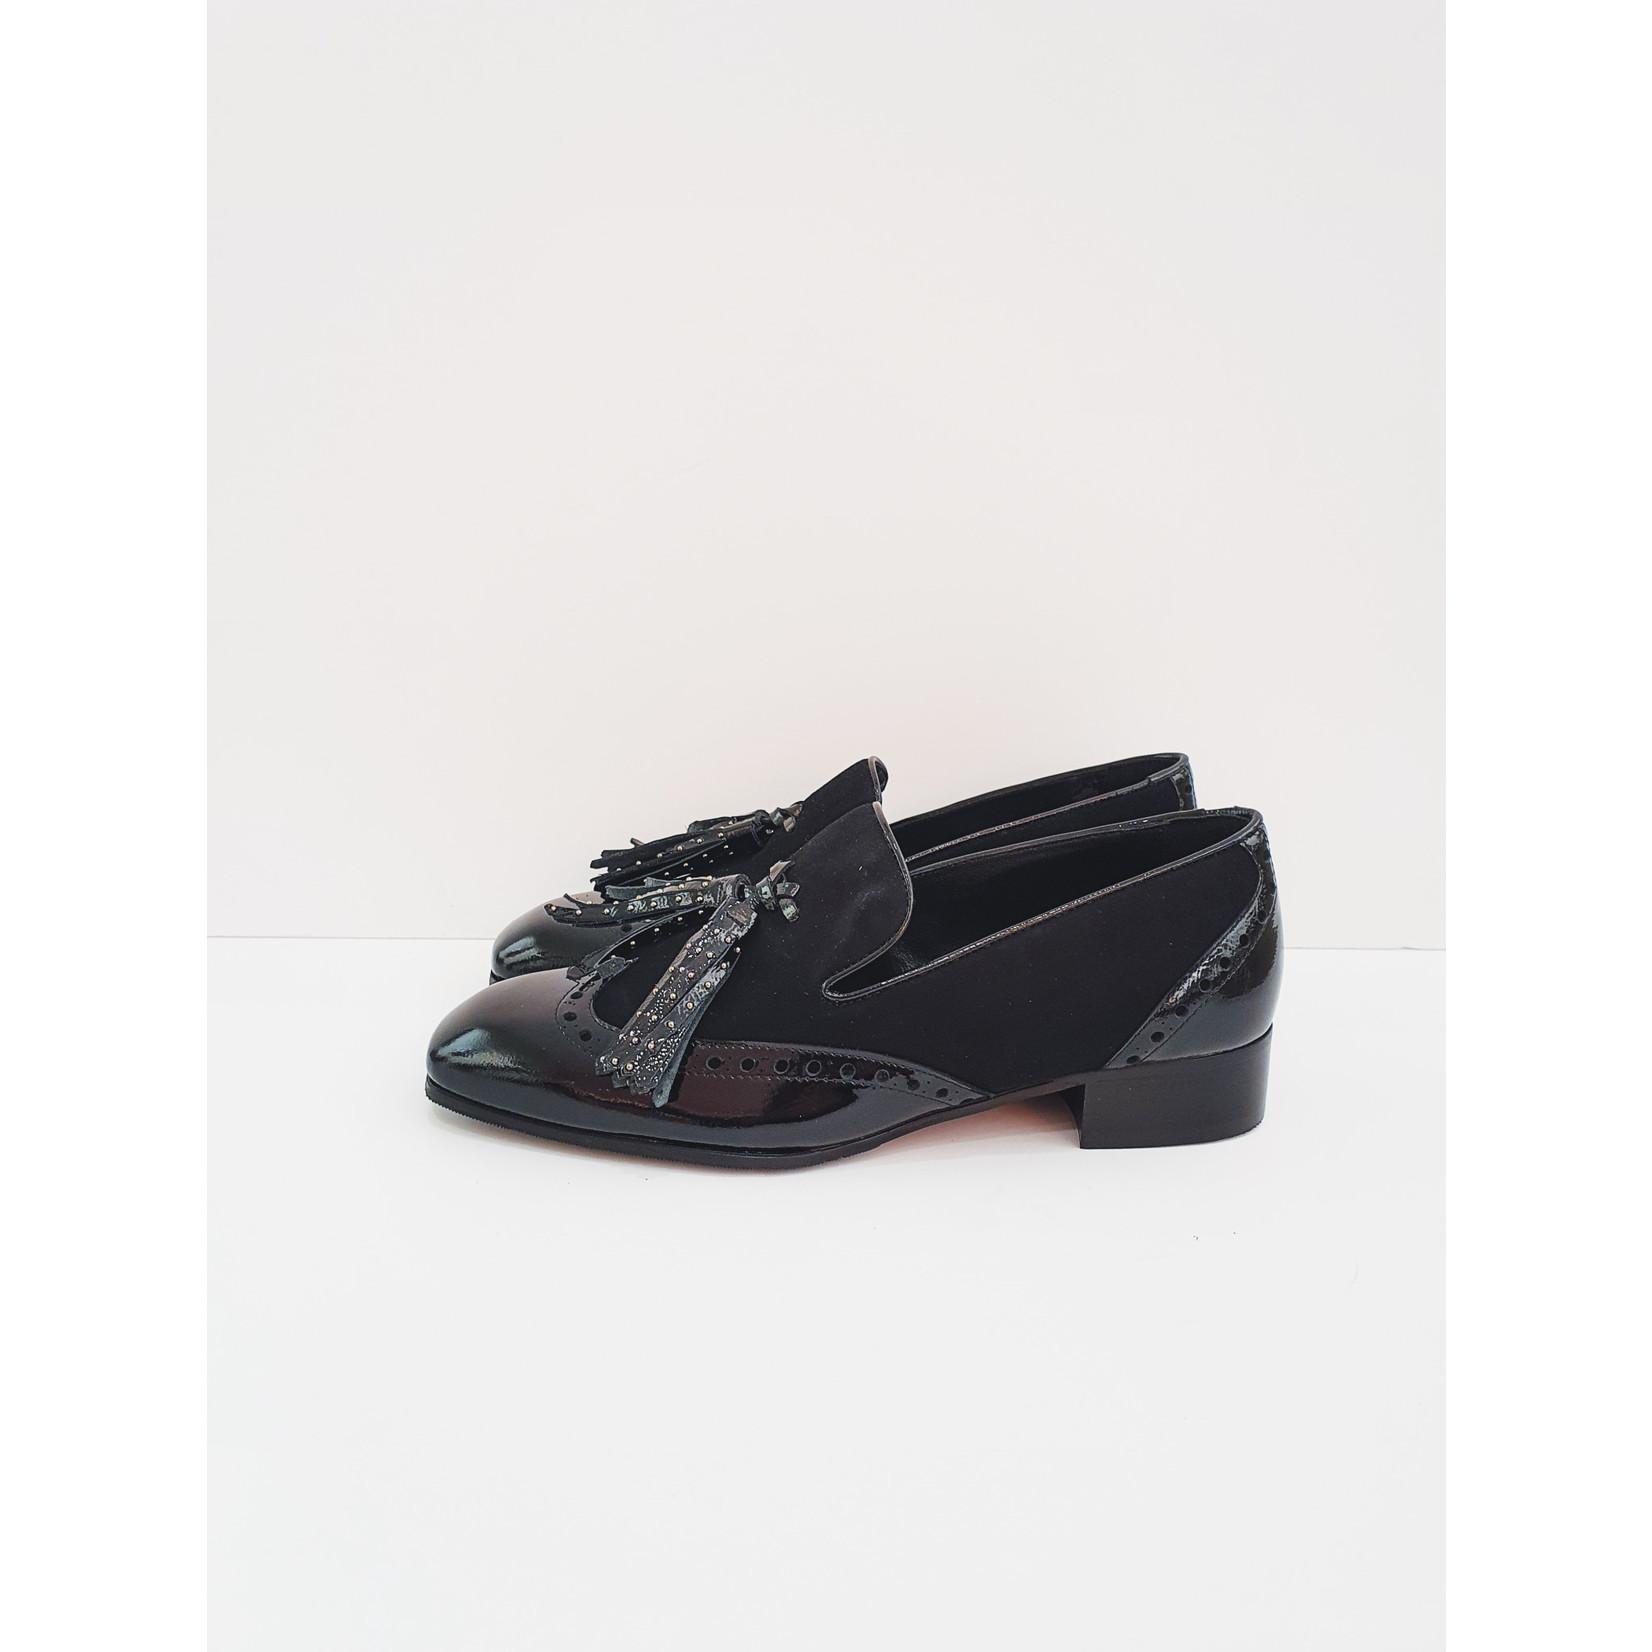 Little black loafer